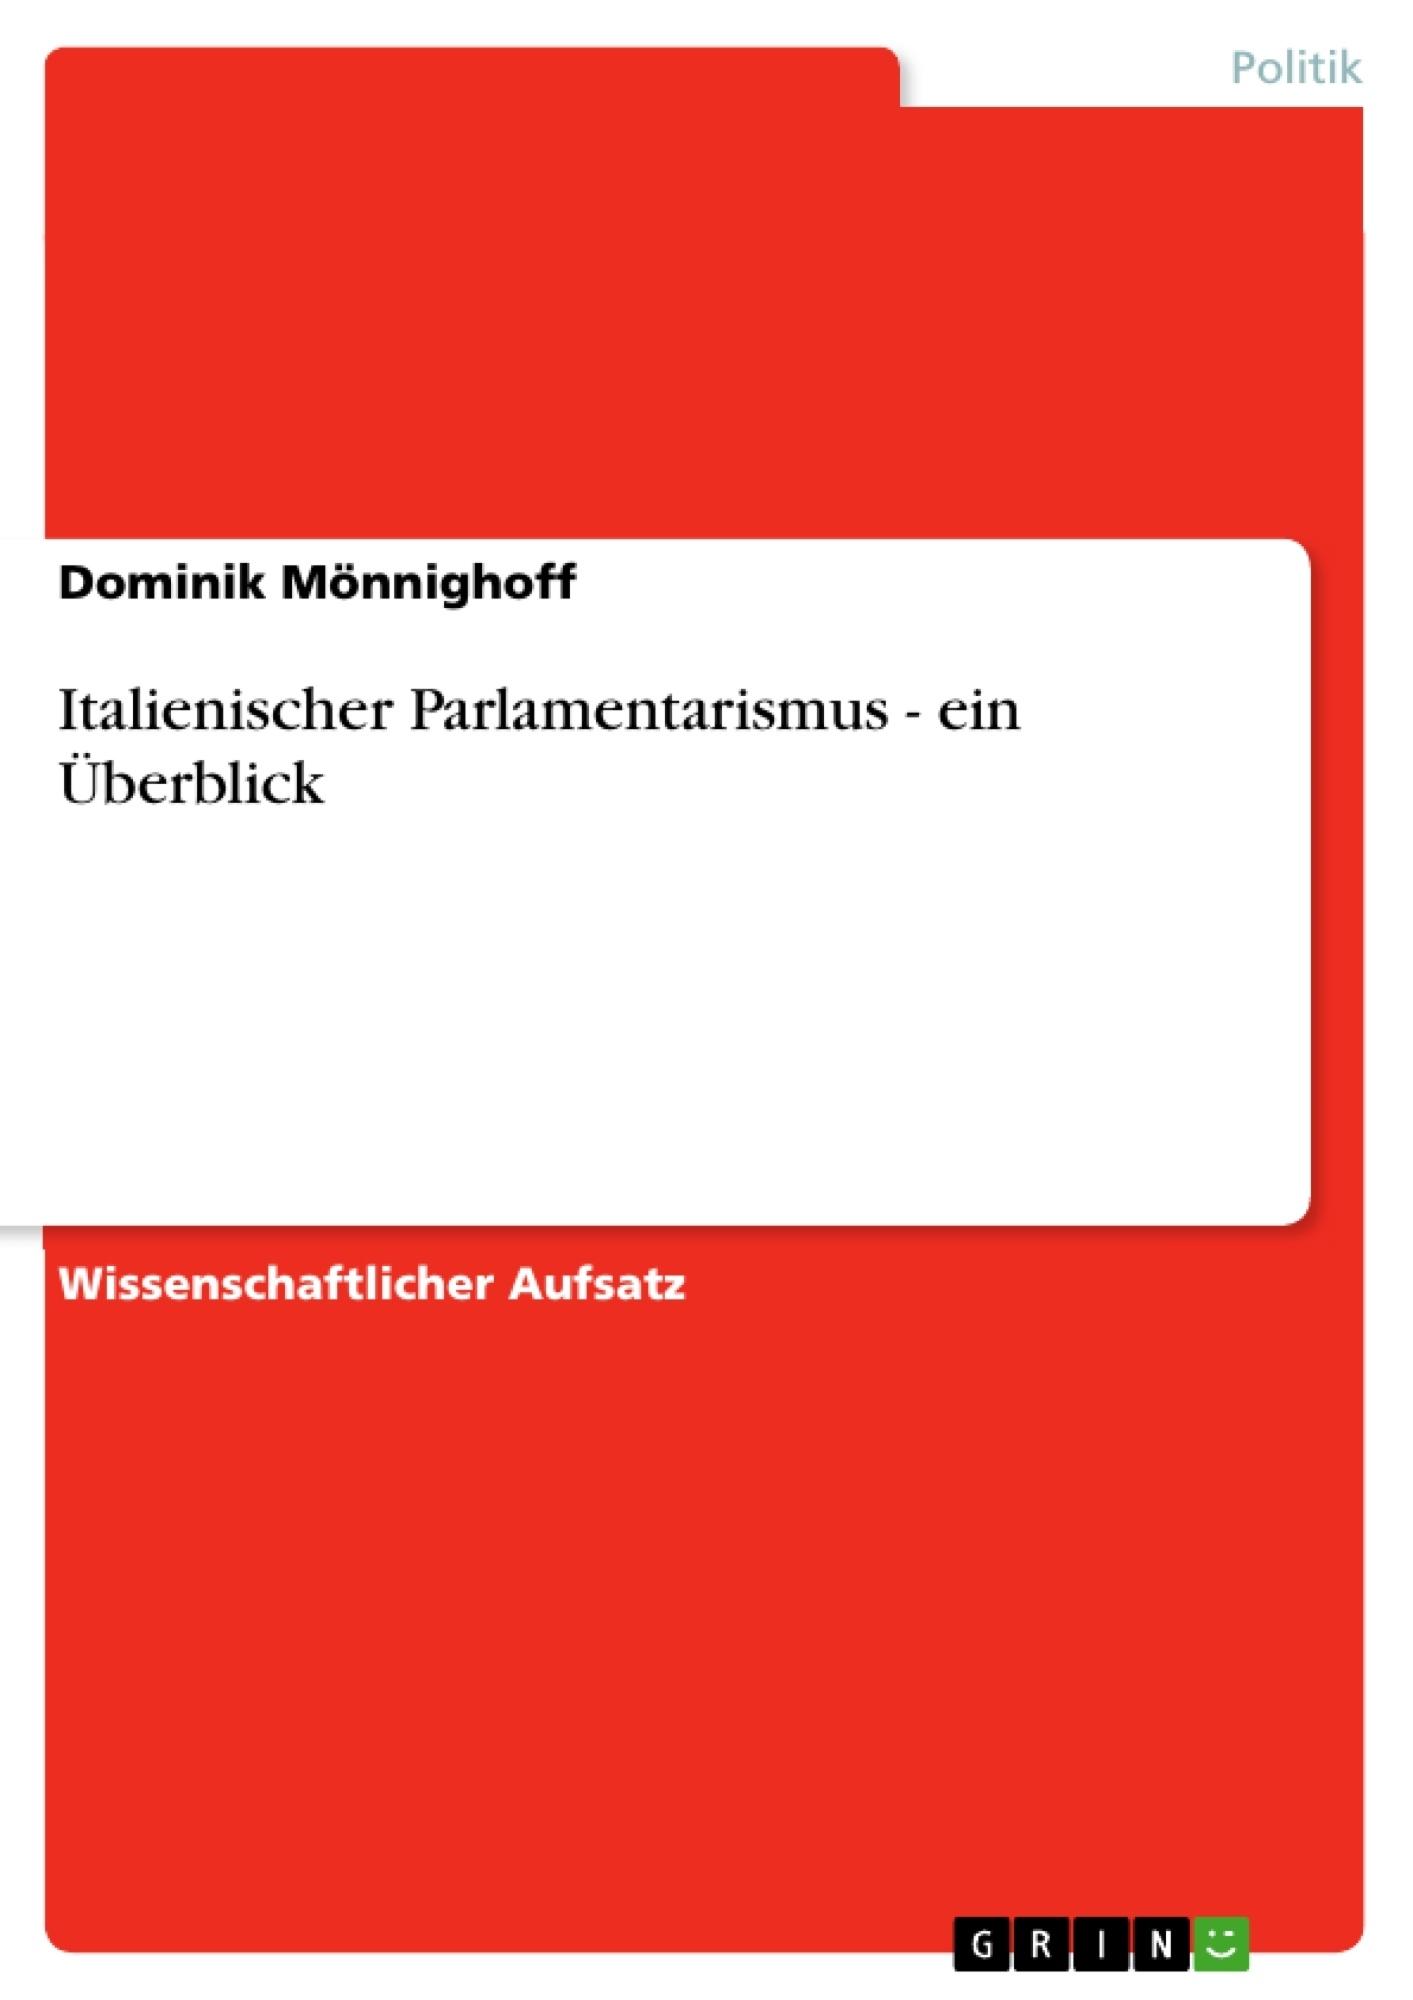 Titel: Italienischer Parlamentarismus - ein Überblick